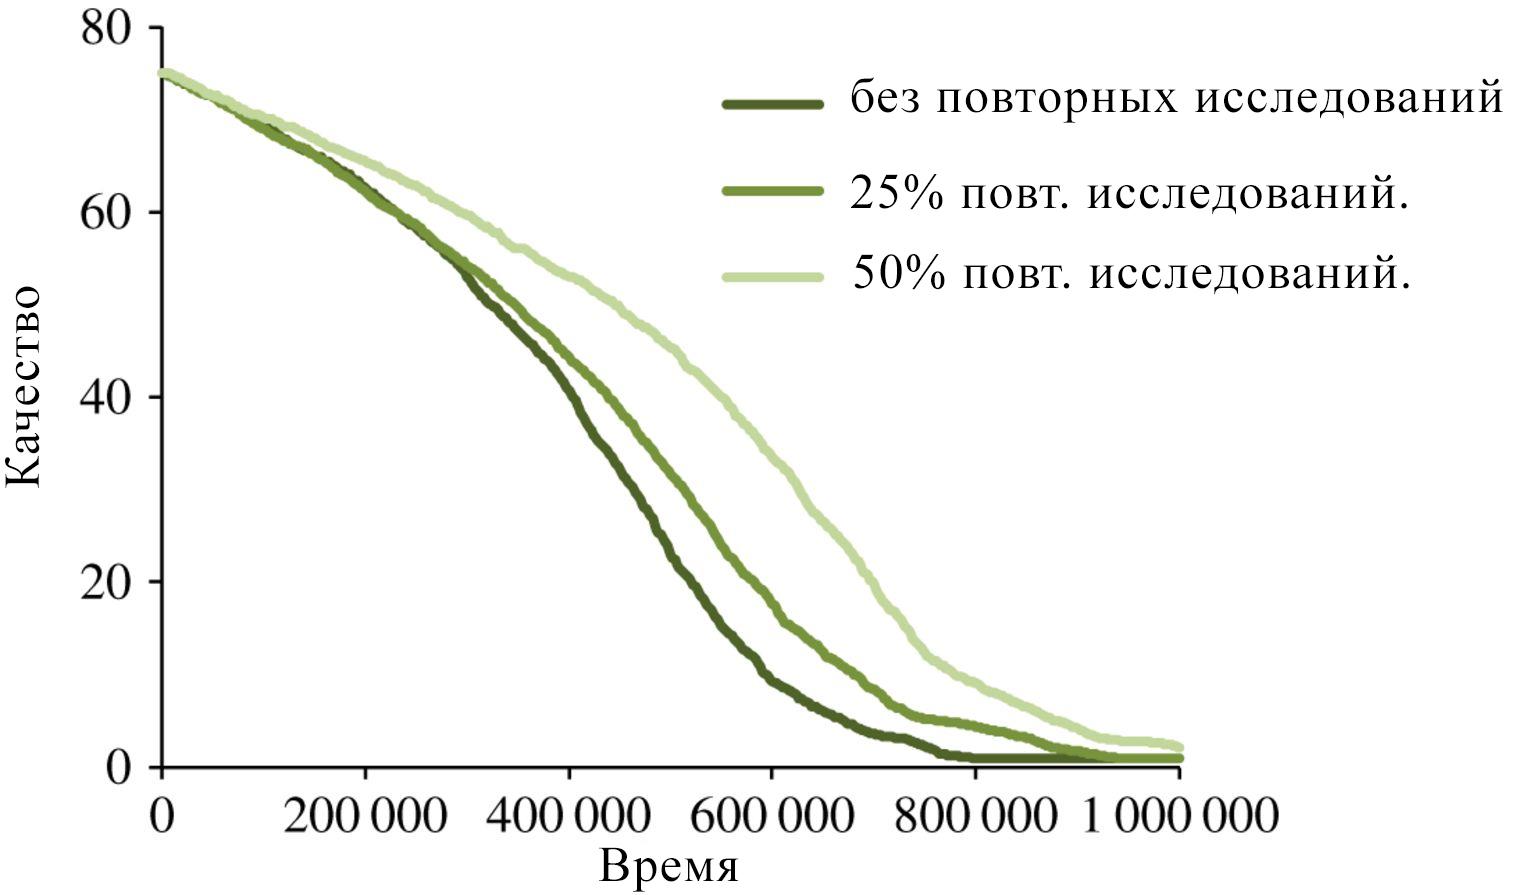 Изменение общего качества исследований, когда доля повторных исследований составляет 0, 25, 50%.